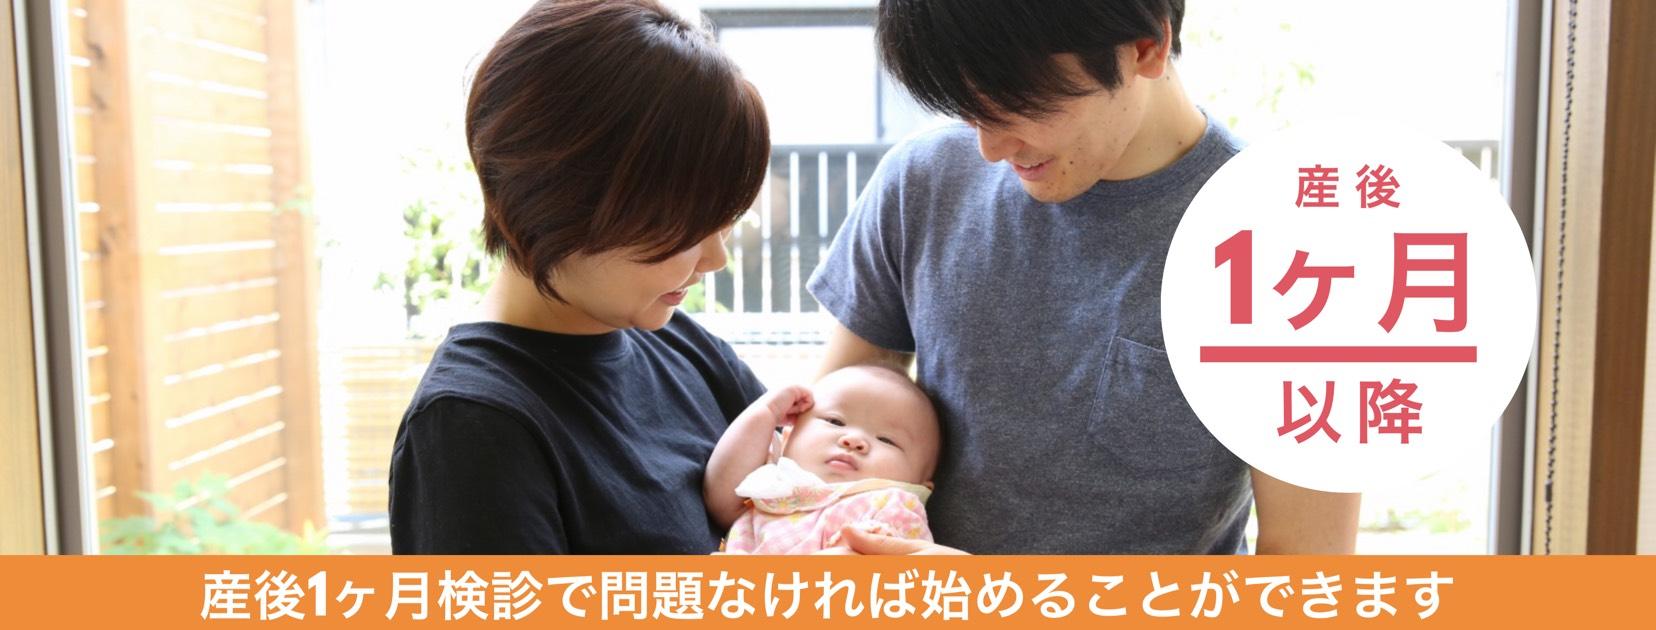 産後2か月以降から可能